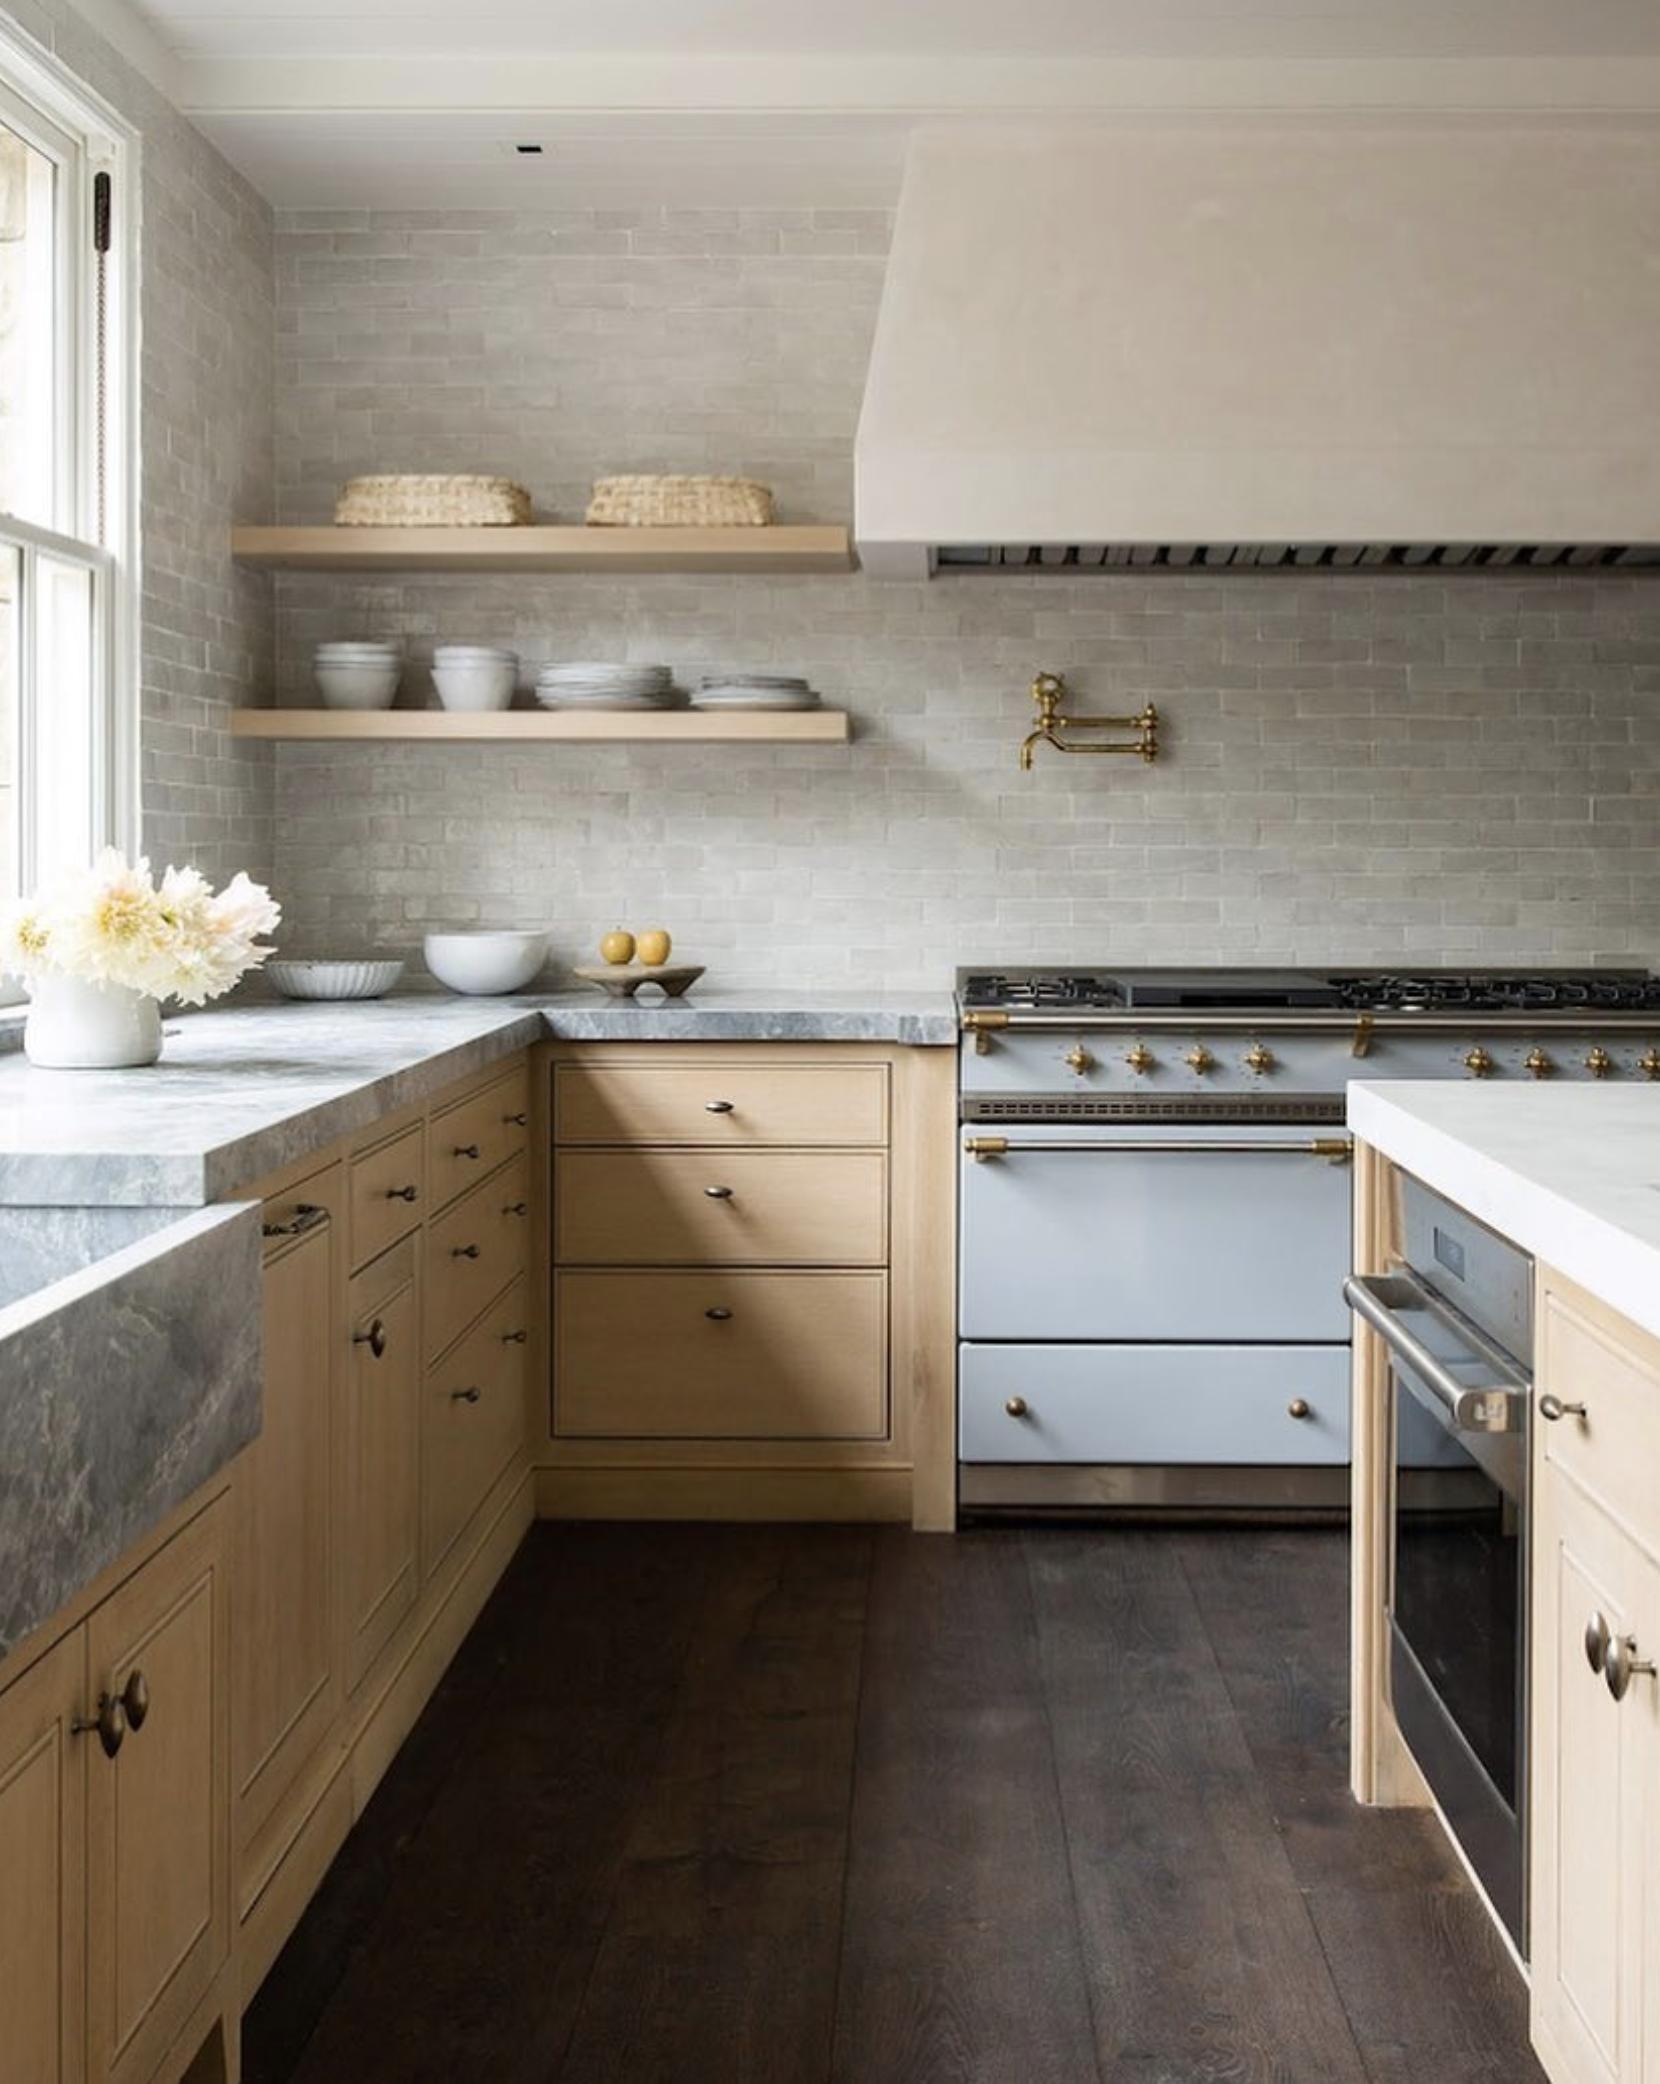 The Best Kitchen Paint Colors In 2020 The Identite Collective In 2020 Interior Design Kitchen Kitchen Interior Kitchen Design